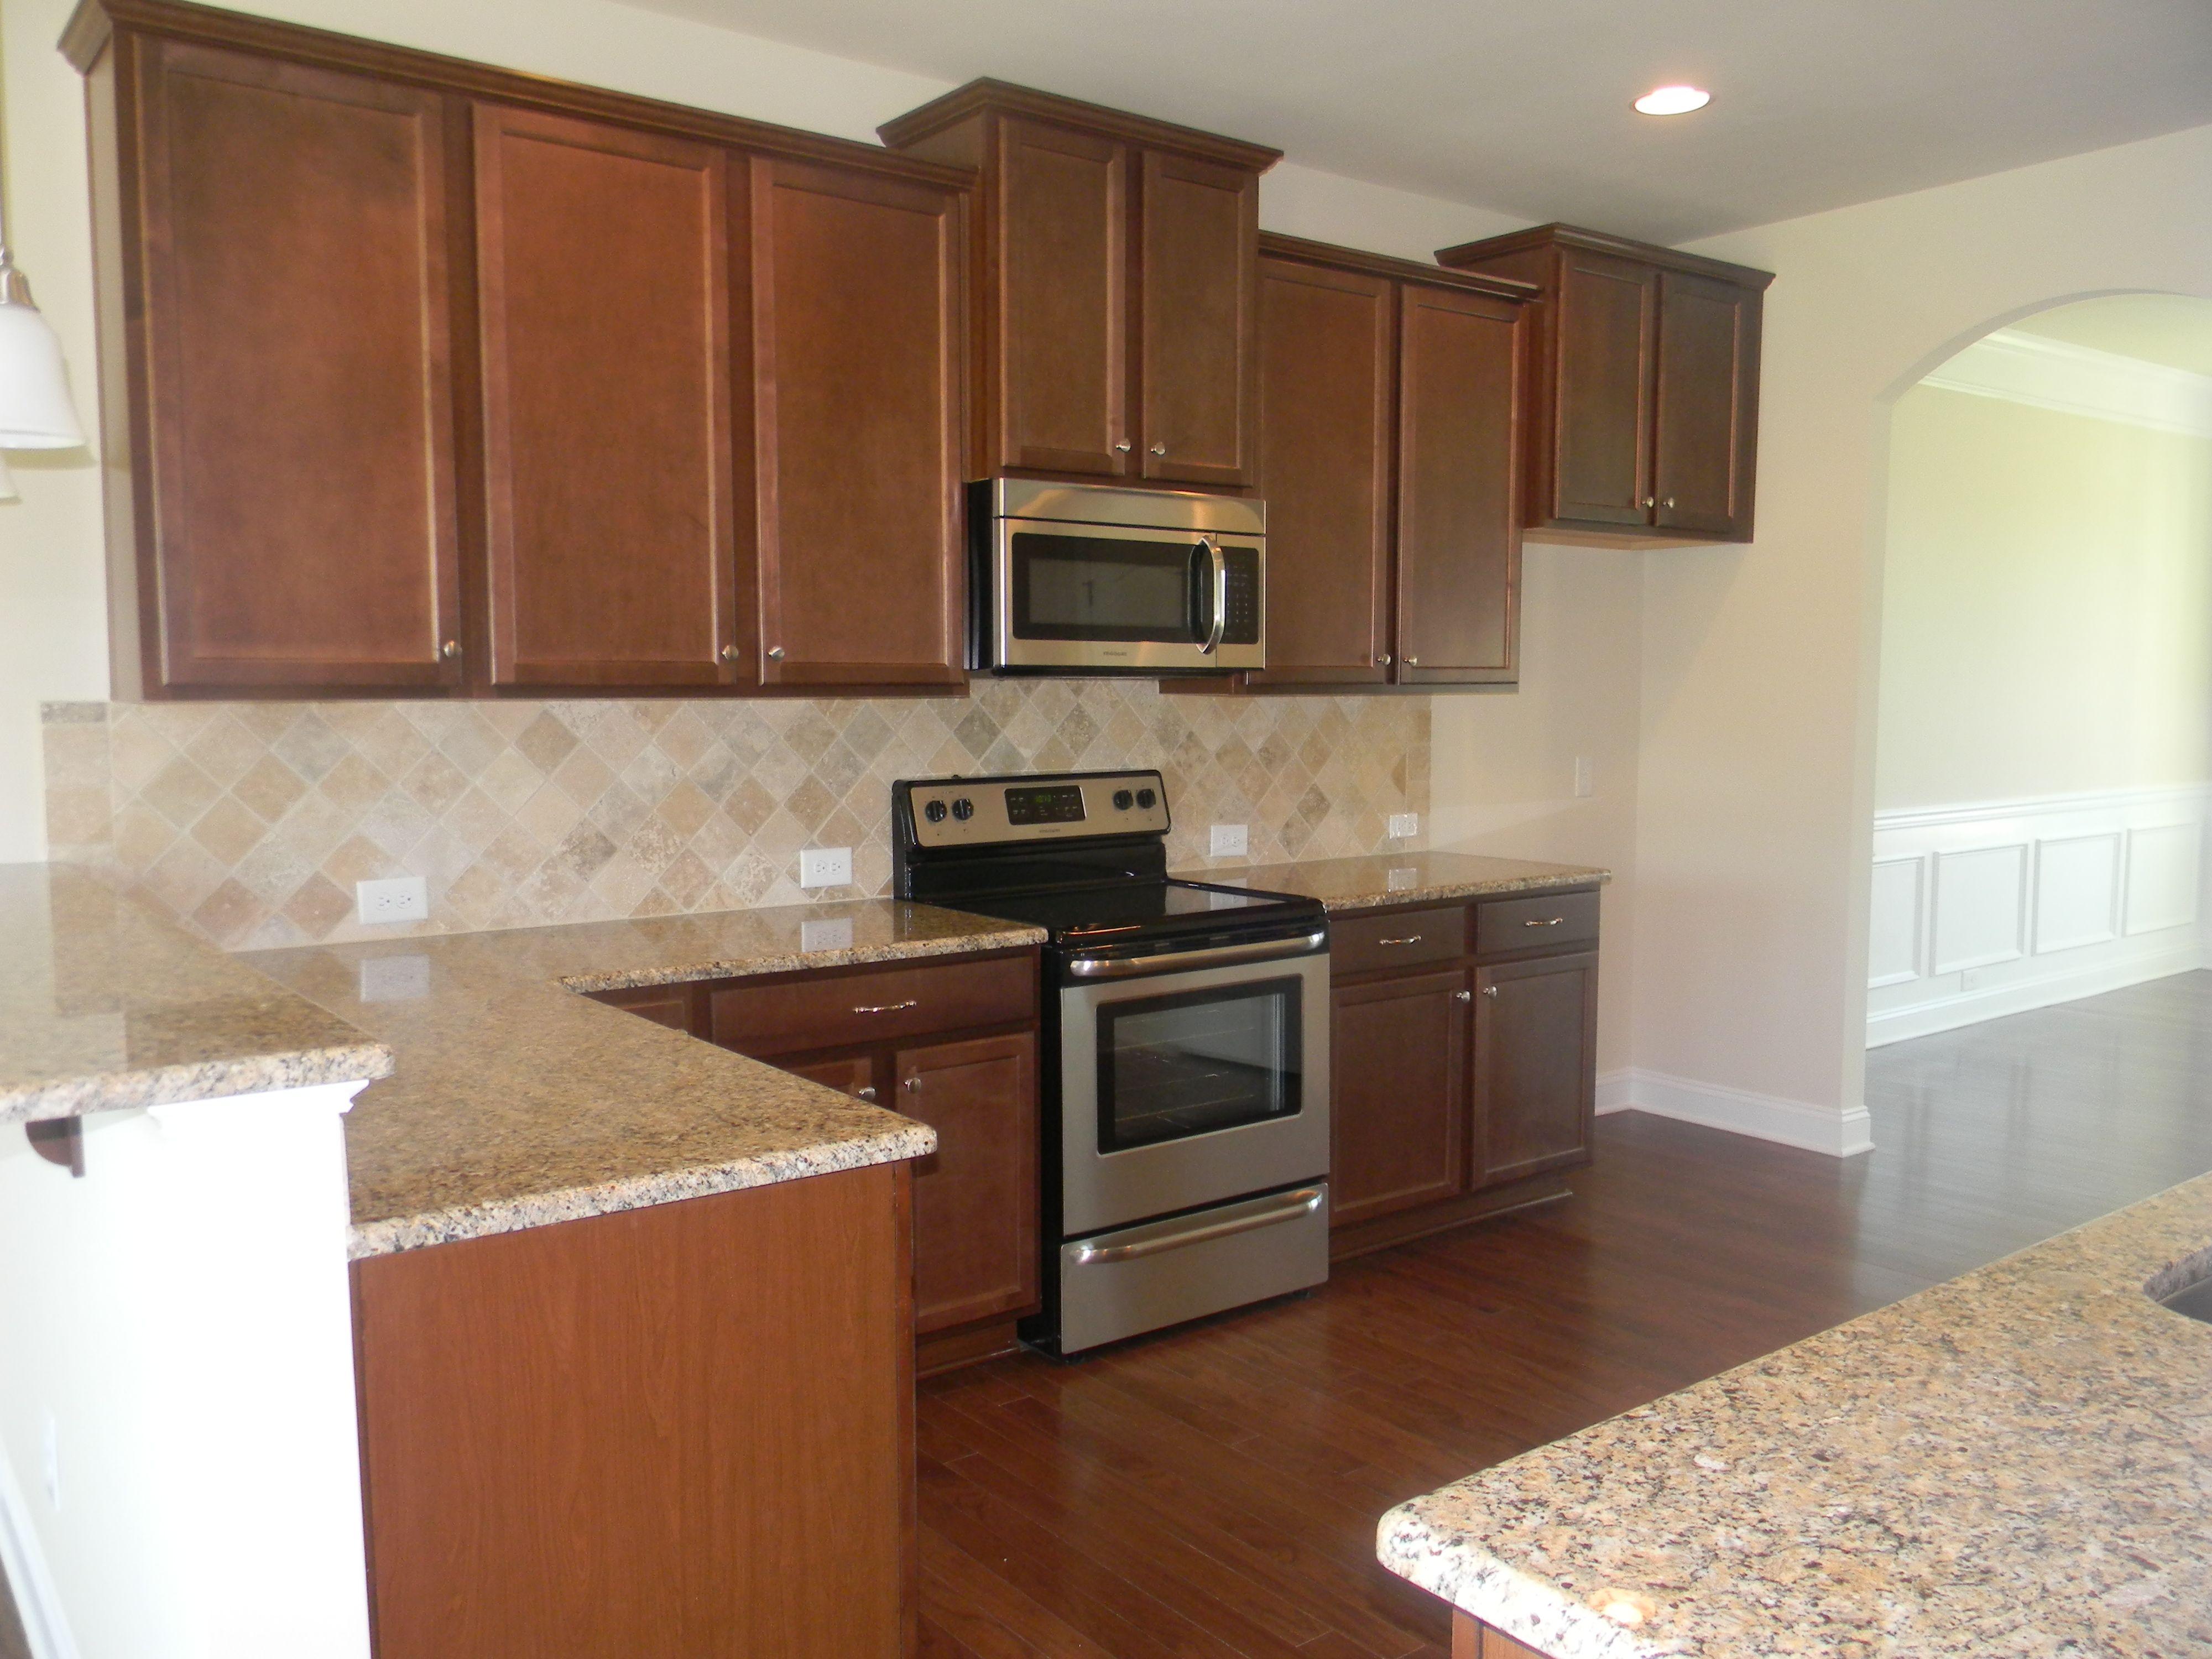 Fairfield Maple Nutmeg Kitchen Cabinets Maple Kitchen Cabinets Custom Kitchen Cabinets Kitchen Cabinet Styles